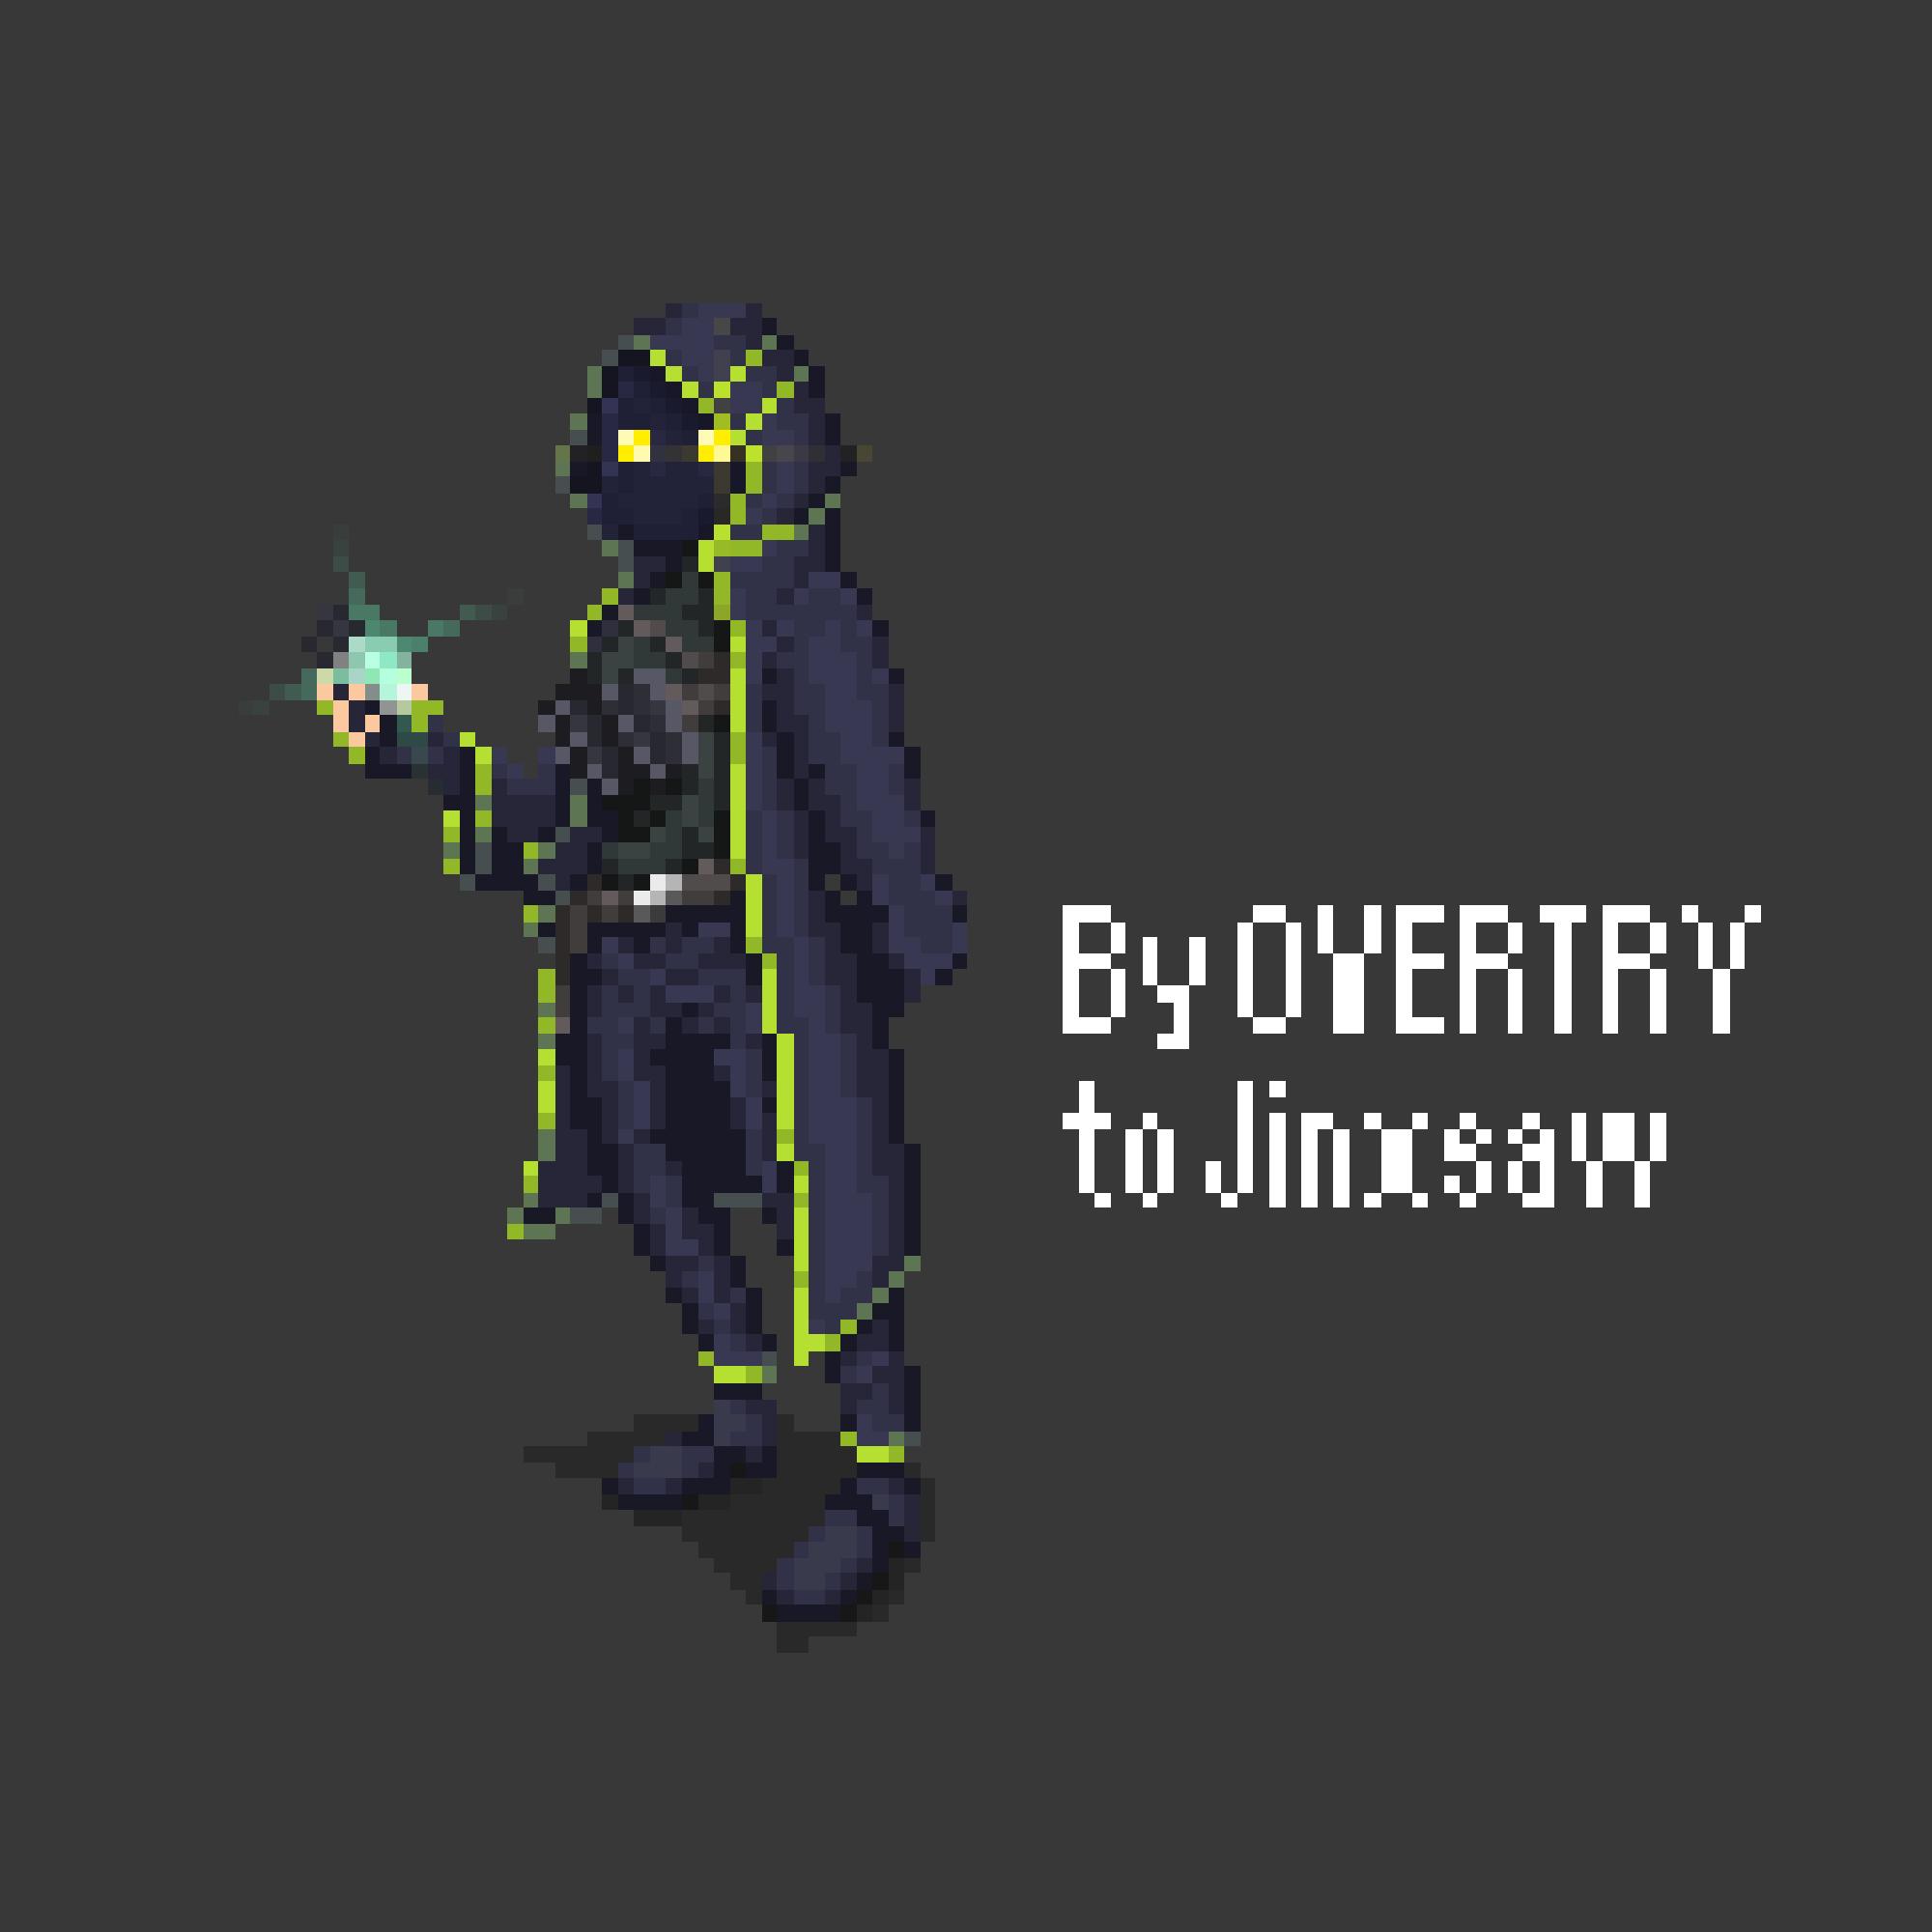 Jinxsaw